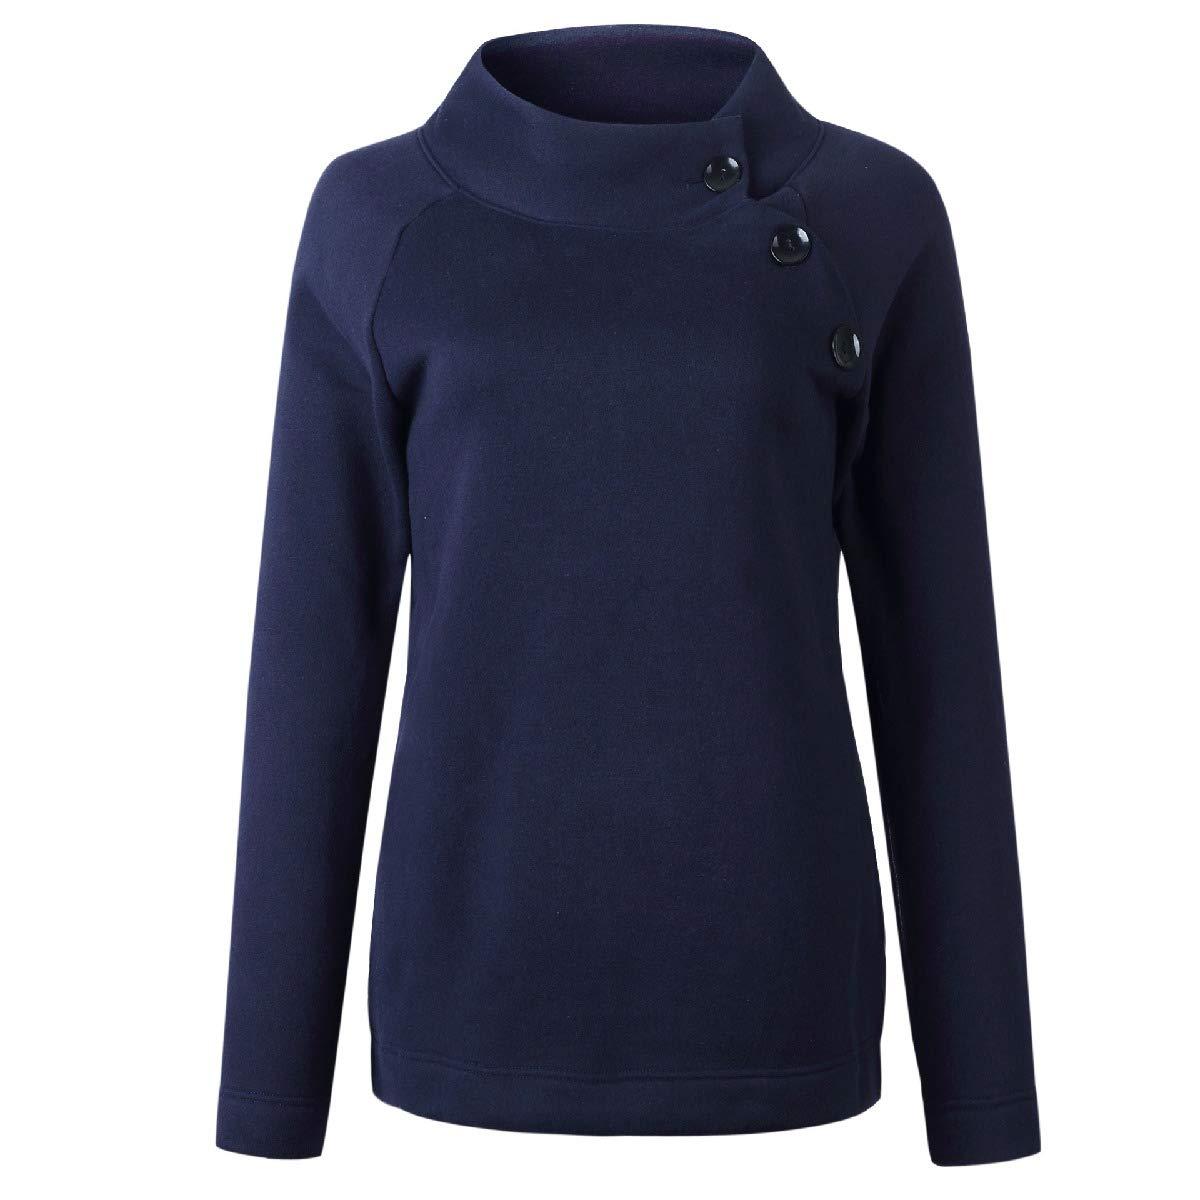 Zimaes-Women Long Sleeve Mock Neck Tops Outwear Pullover Sweatshirts